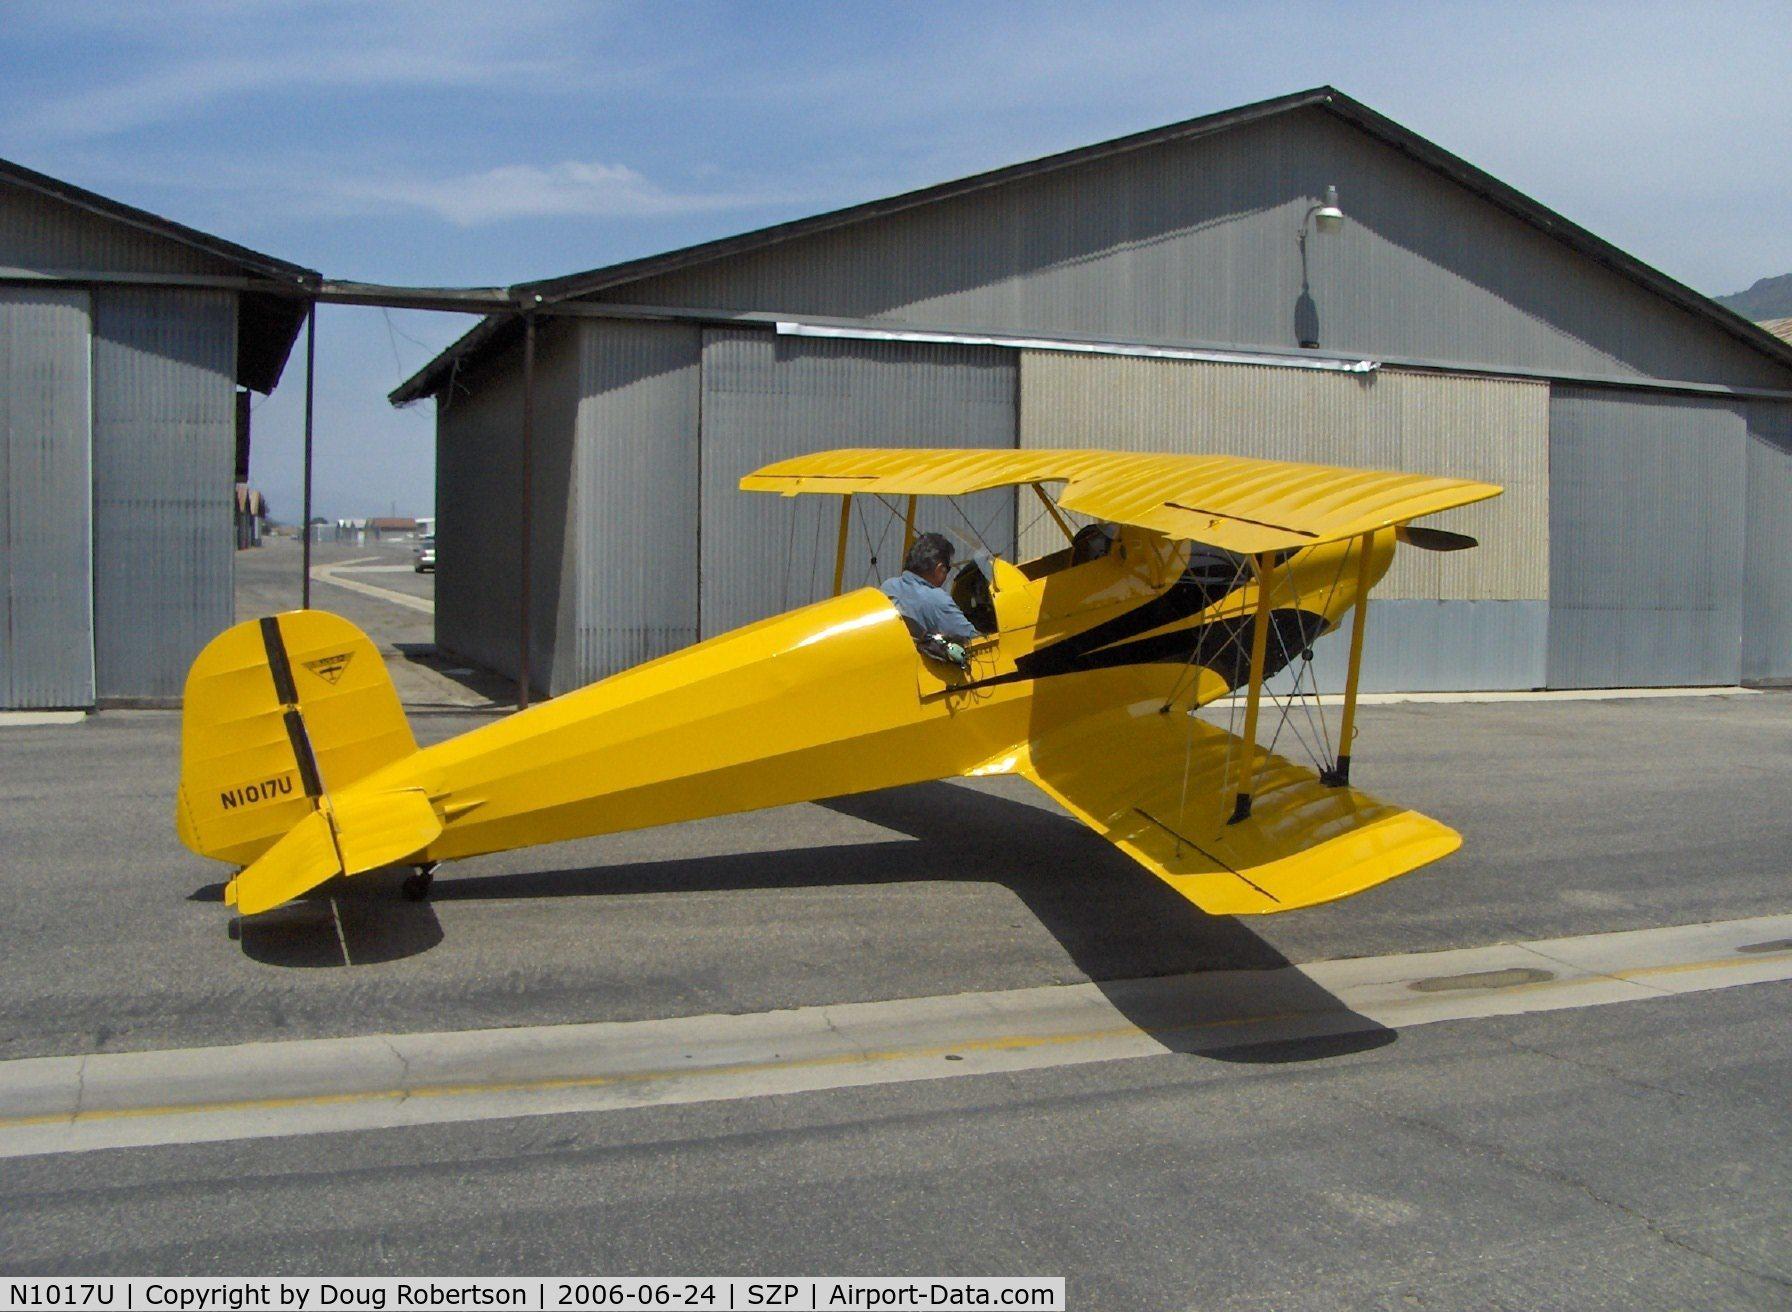 N1017U, 1939 CASA 1-131 Jungmann C/N E3B-435, Pat Quinn's 1939 Bucker Jungmann C.A.S.A. 1.131, Lycoming O-360 180 hp